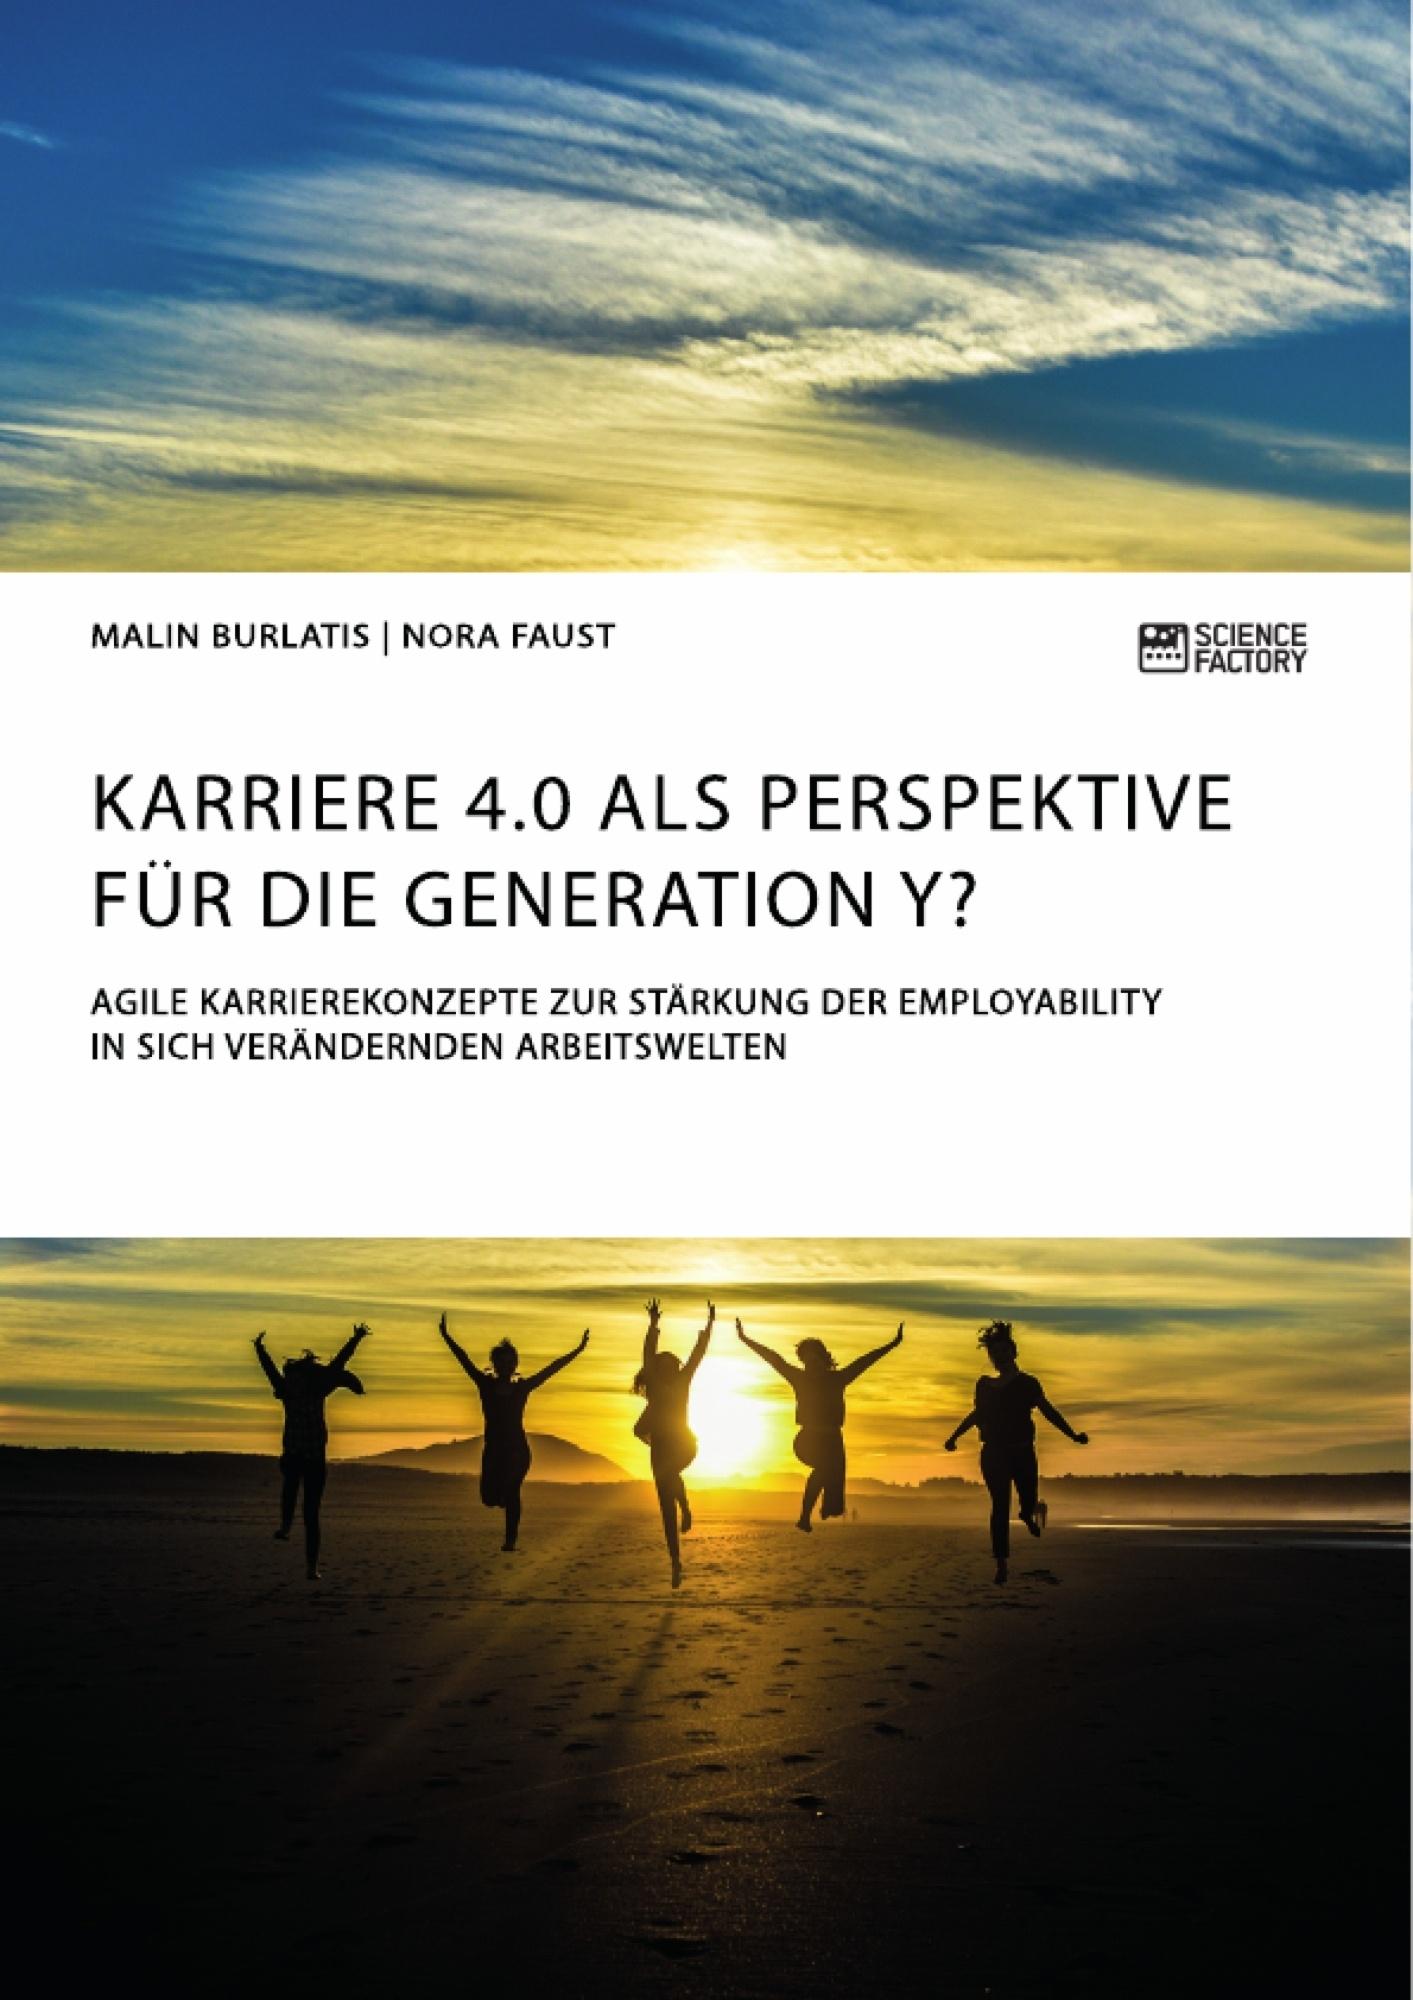 Titel: Karriere 4.0 als Perspektive für die Generation Y? Agile Karrierekonzepte zur Stärkung der Employability in sich verändernden Arbeitswelten